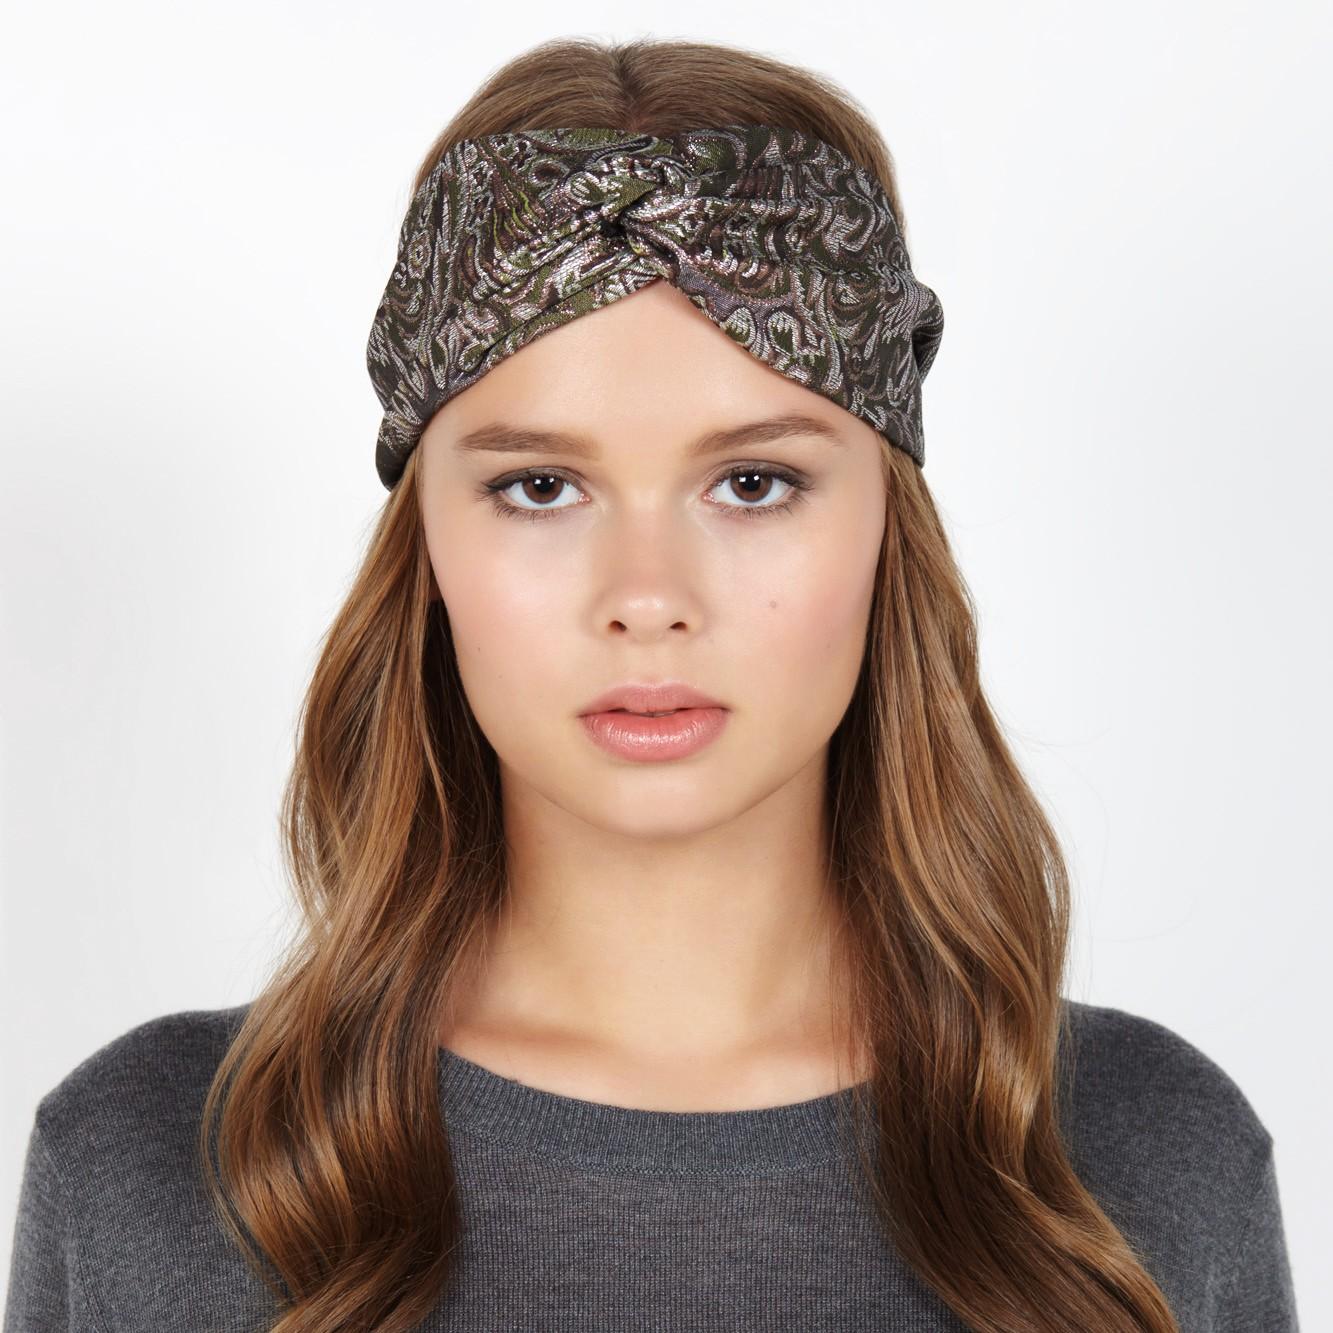 Lupine headband